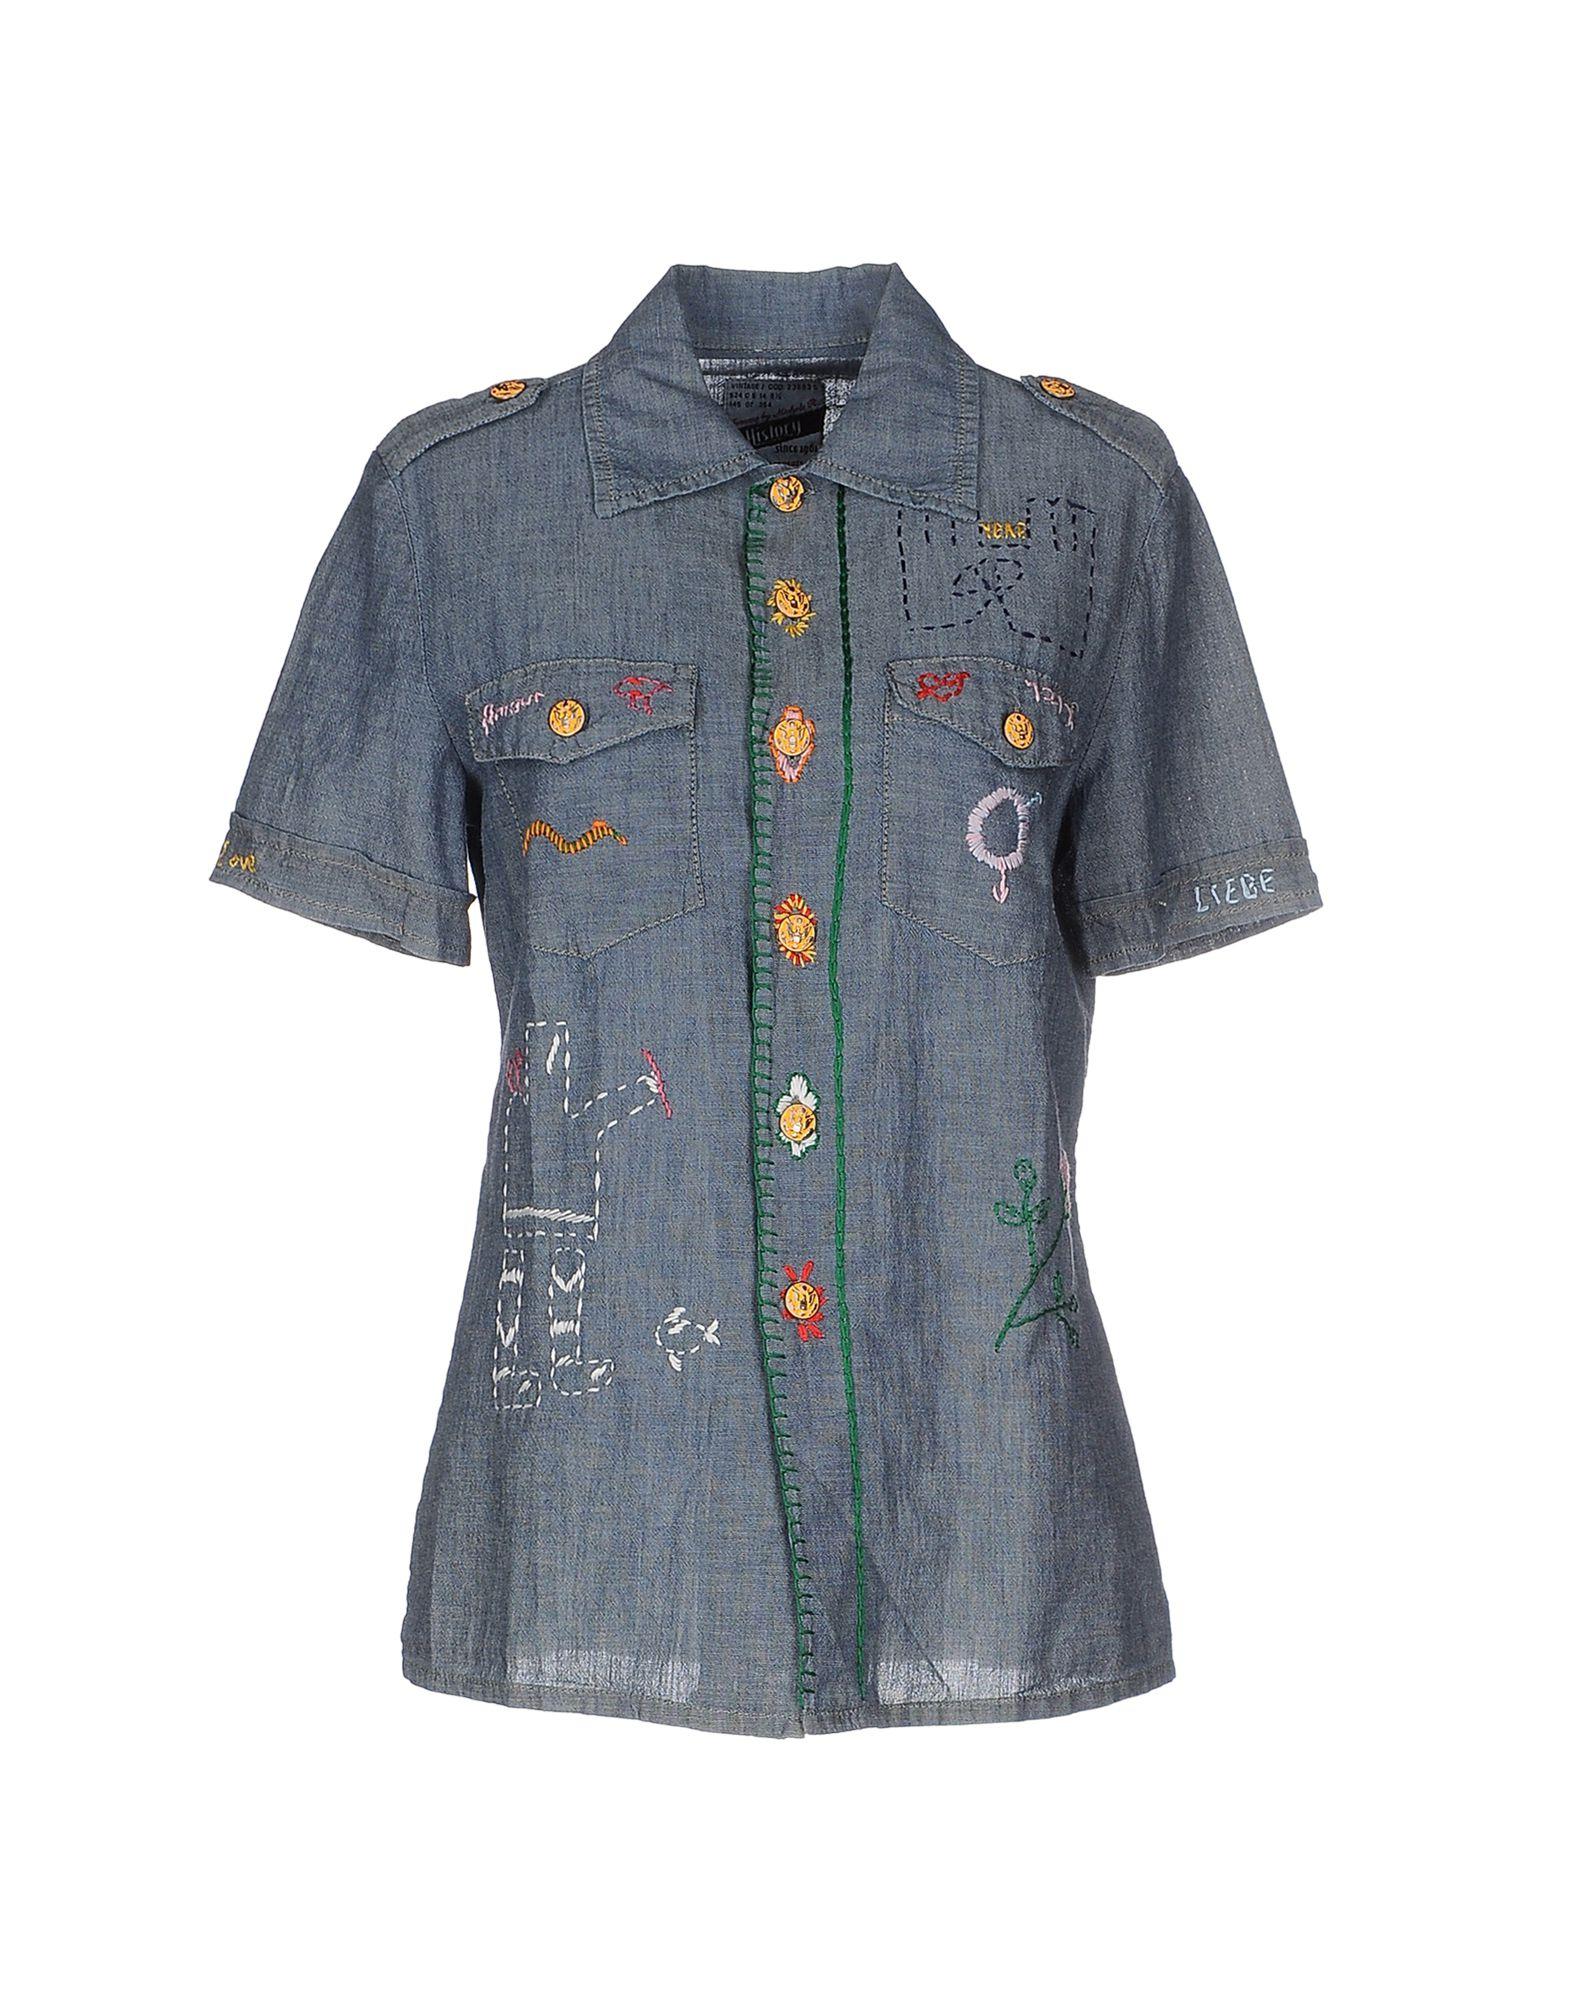 HISTORY REPEATS Джинсовая рубашка рубашка джинсовая с рисунком сердце 3 12 лет